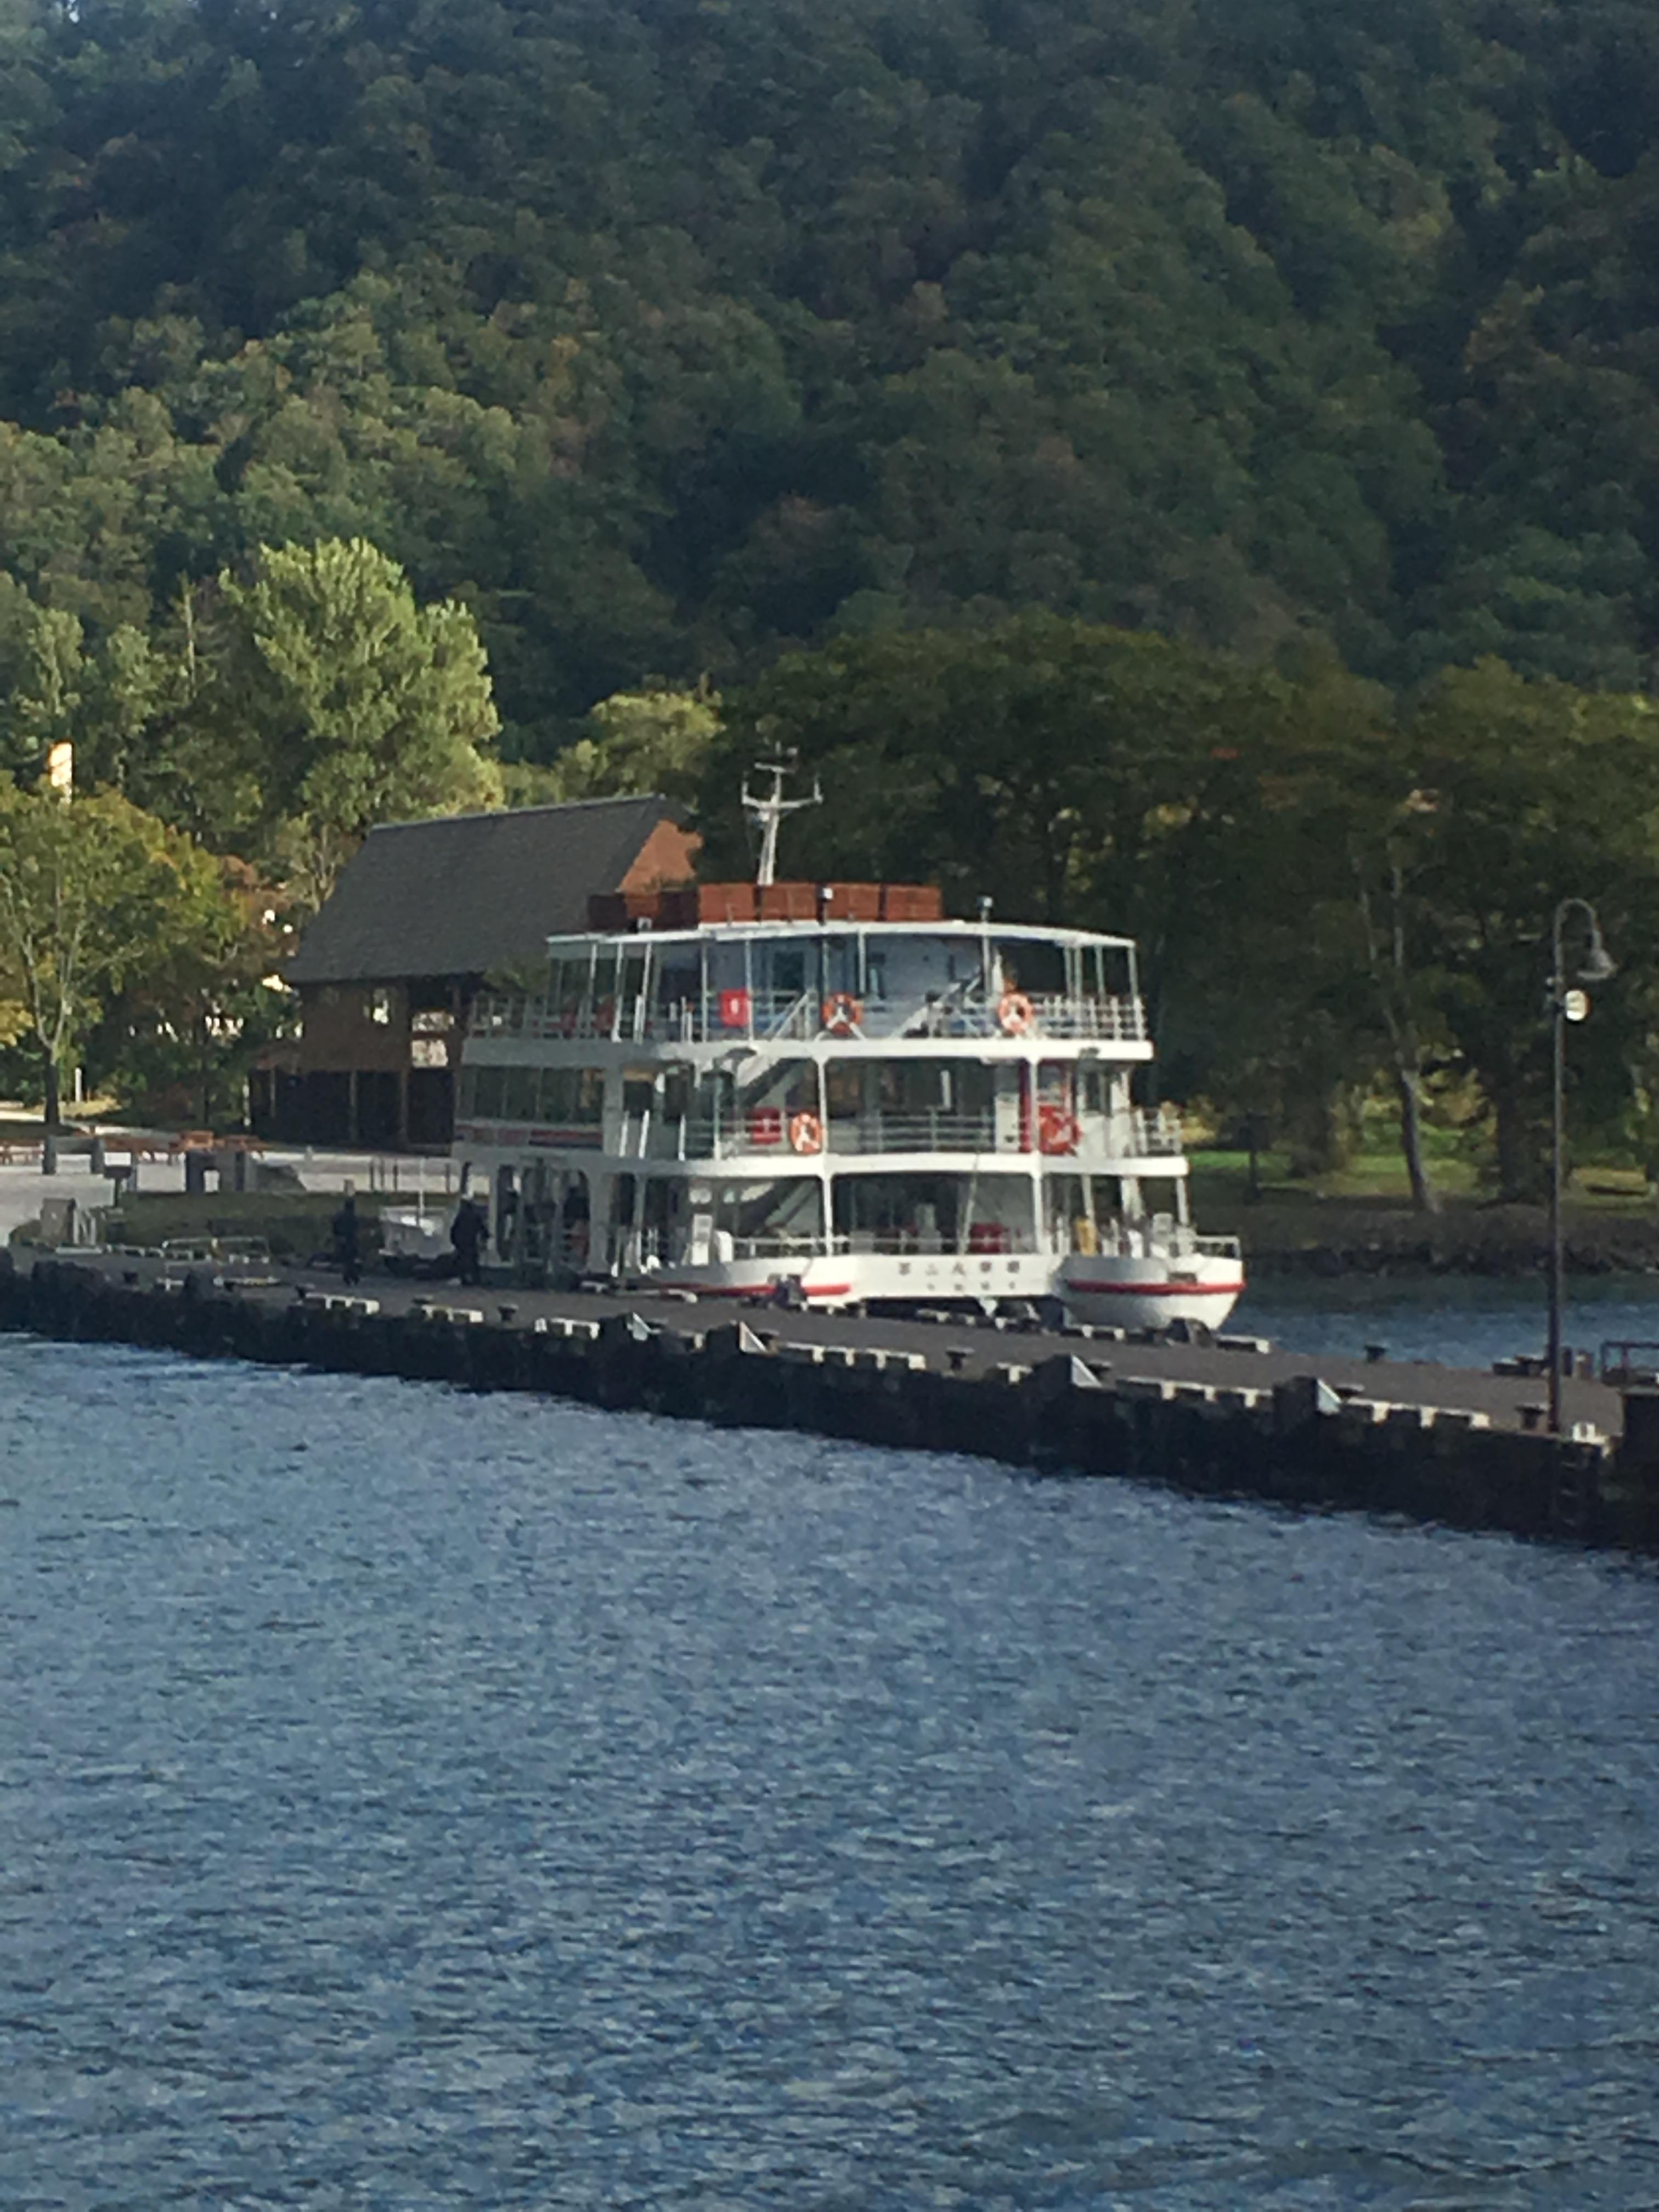 十和田湖遊覧船船首から第二八甲田